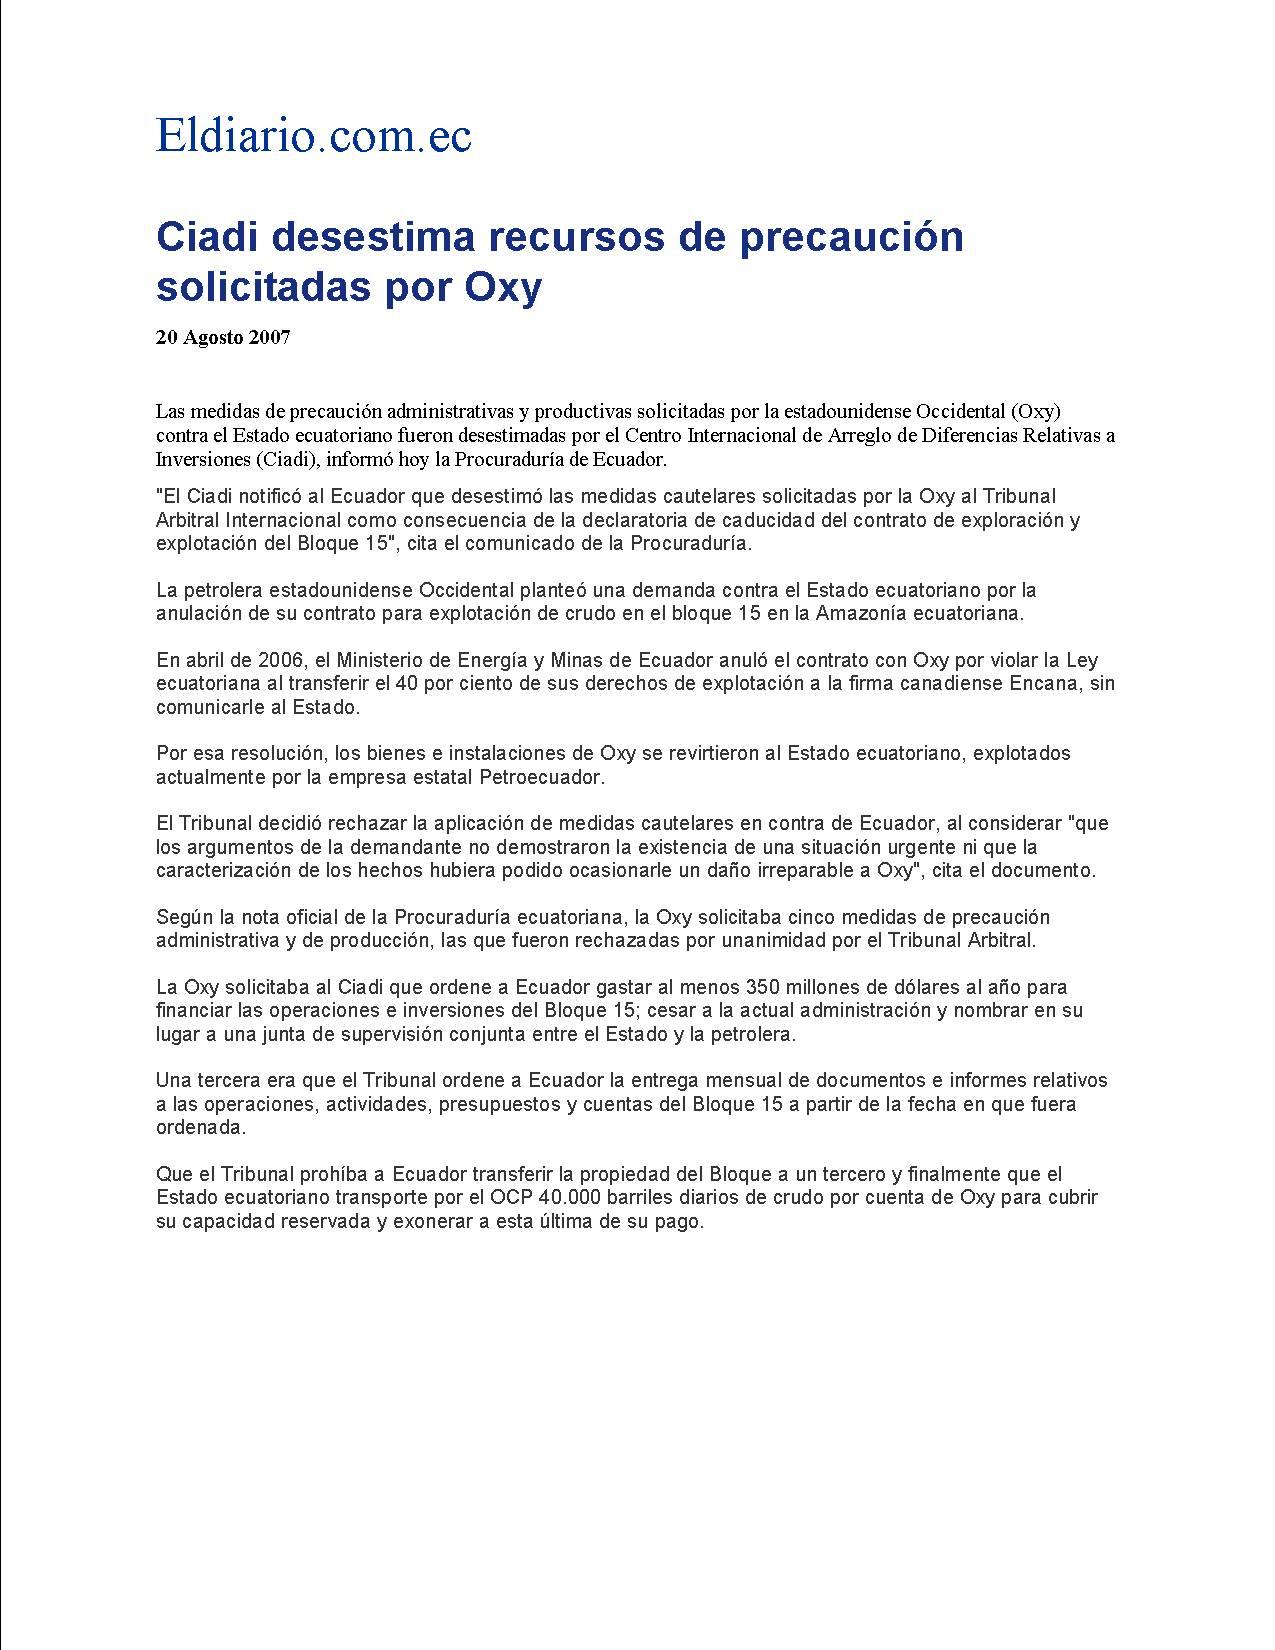 17-2007-08-20-Eldiario